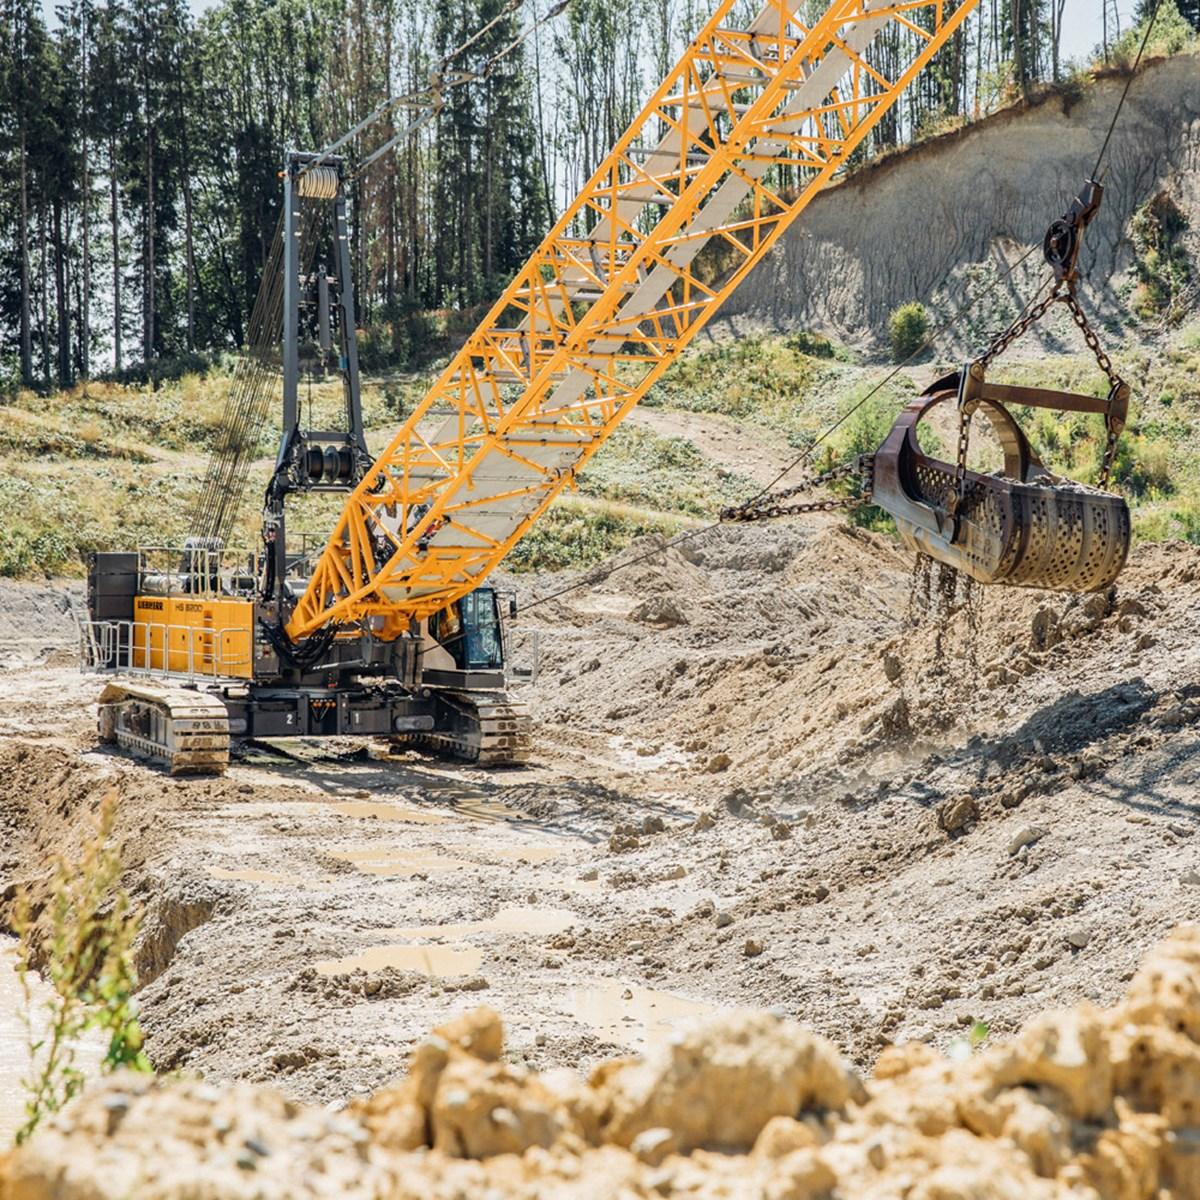 liebherr-hs-8200-seilbagger-duty-cycle-crawler-crane-dragline-schuerfkuebel.jpg